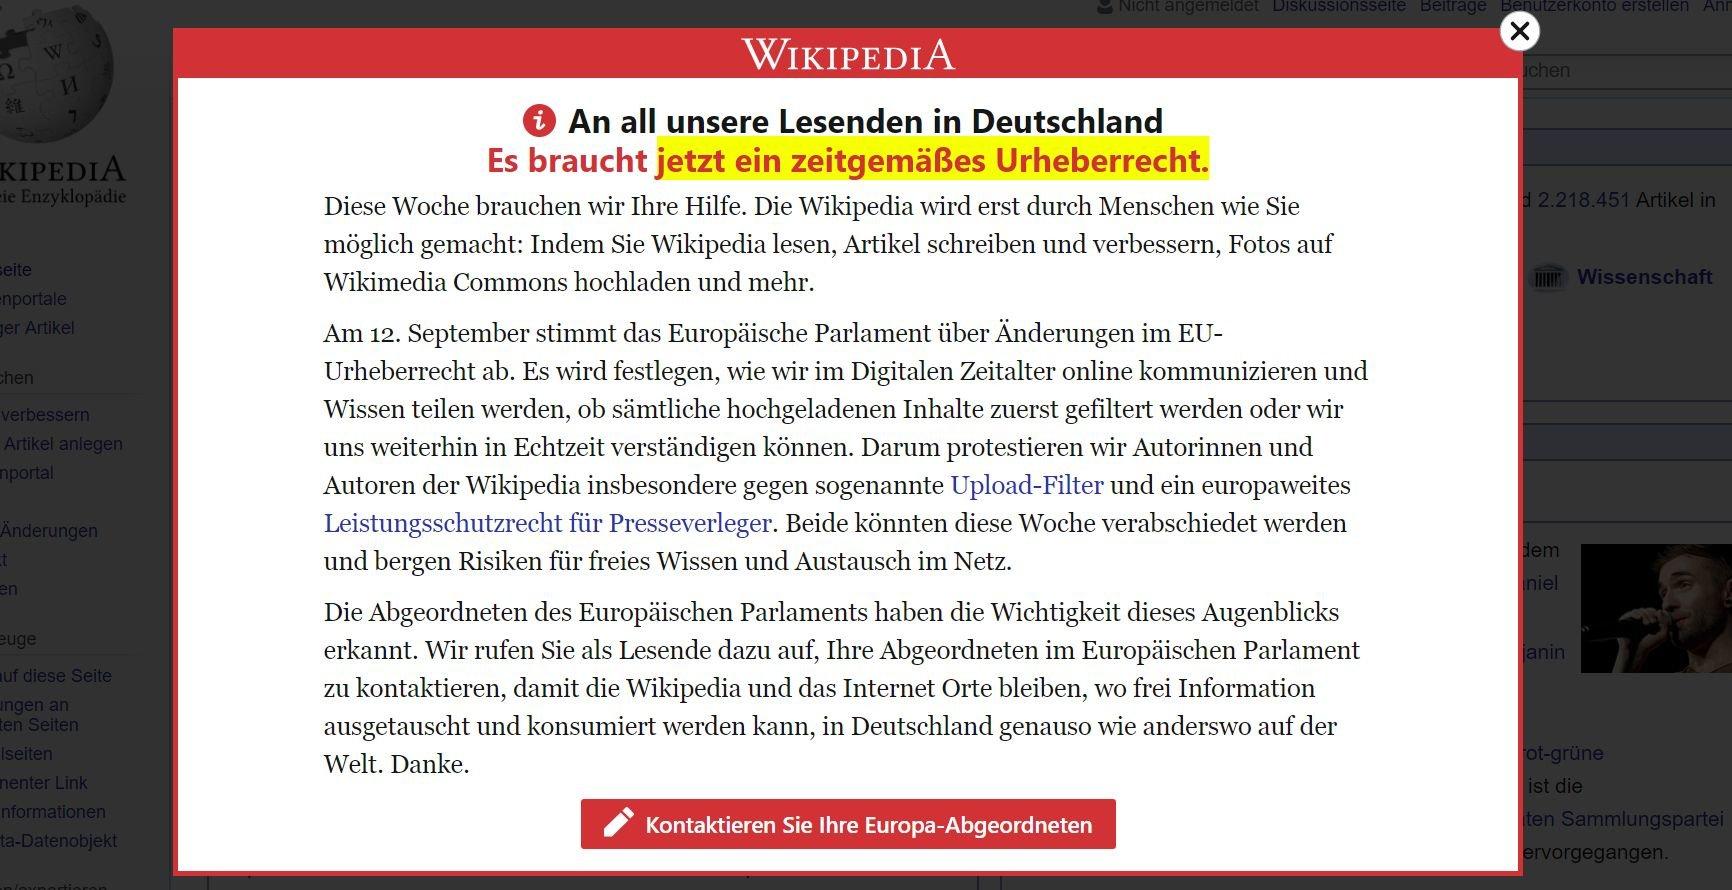 Wikipedia: Warnung vor Upload-Filtern